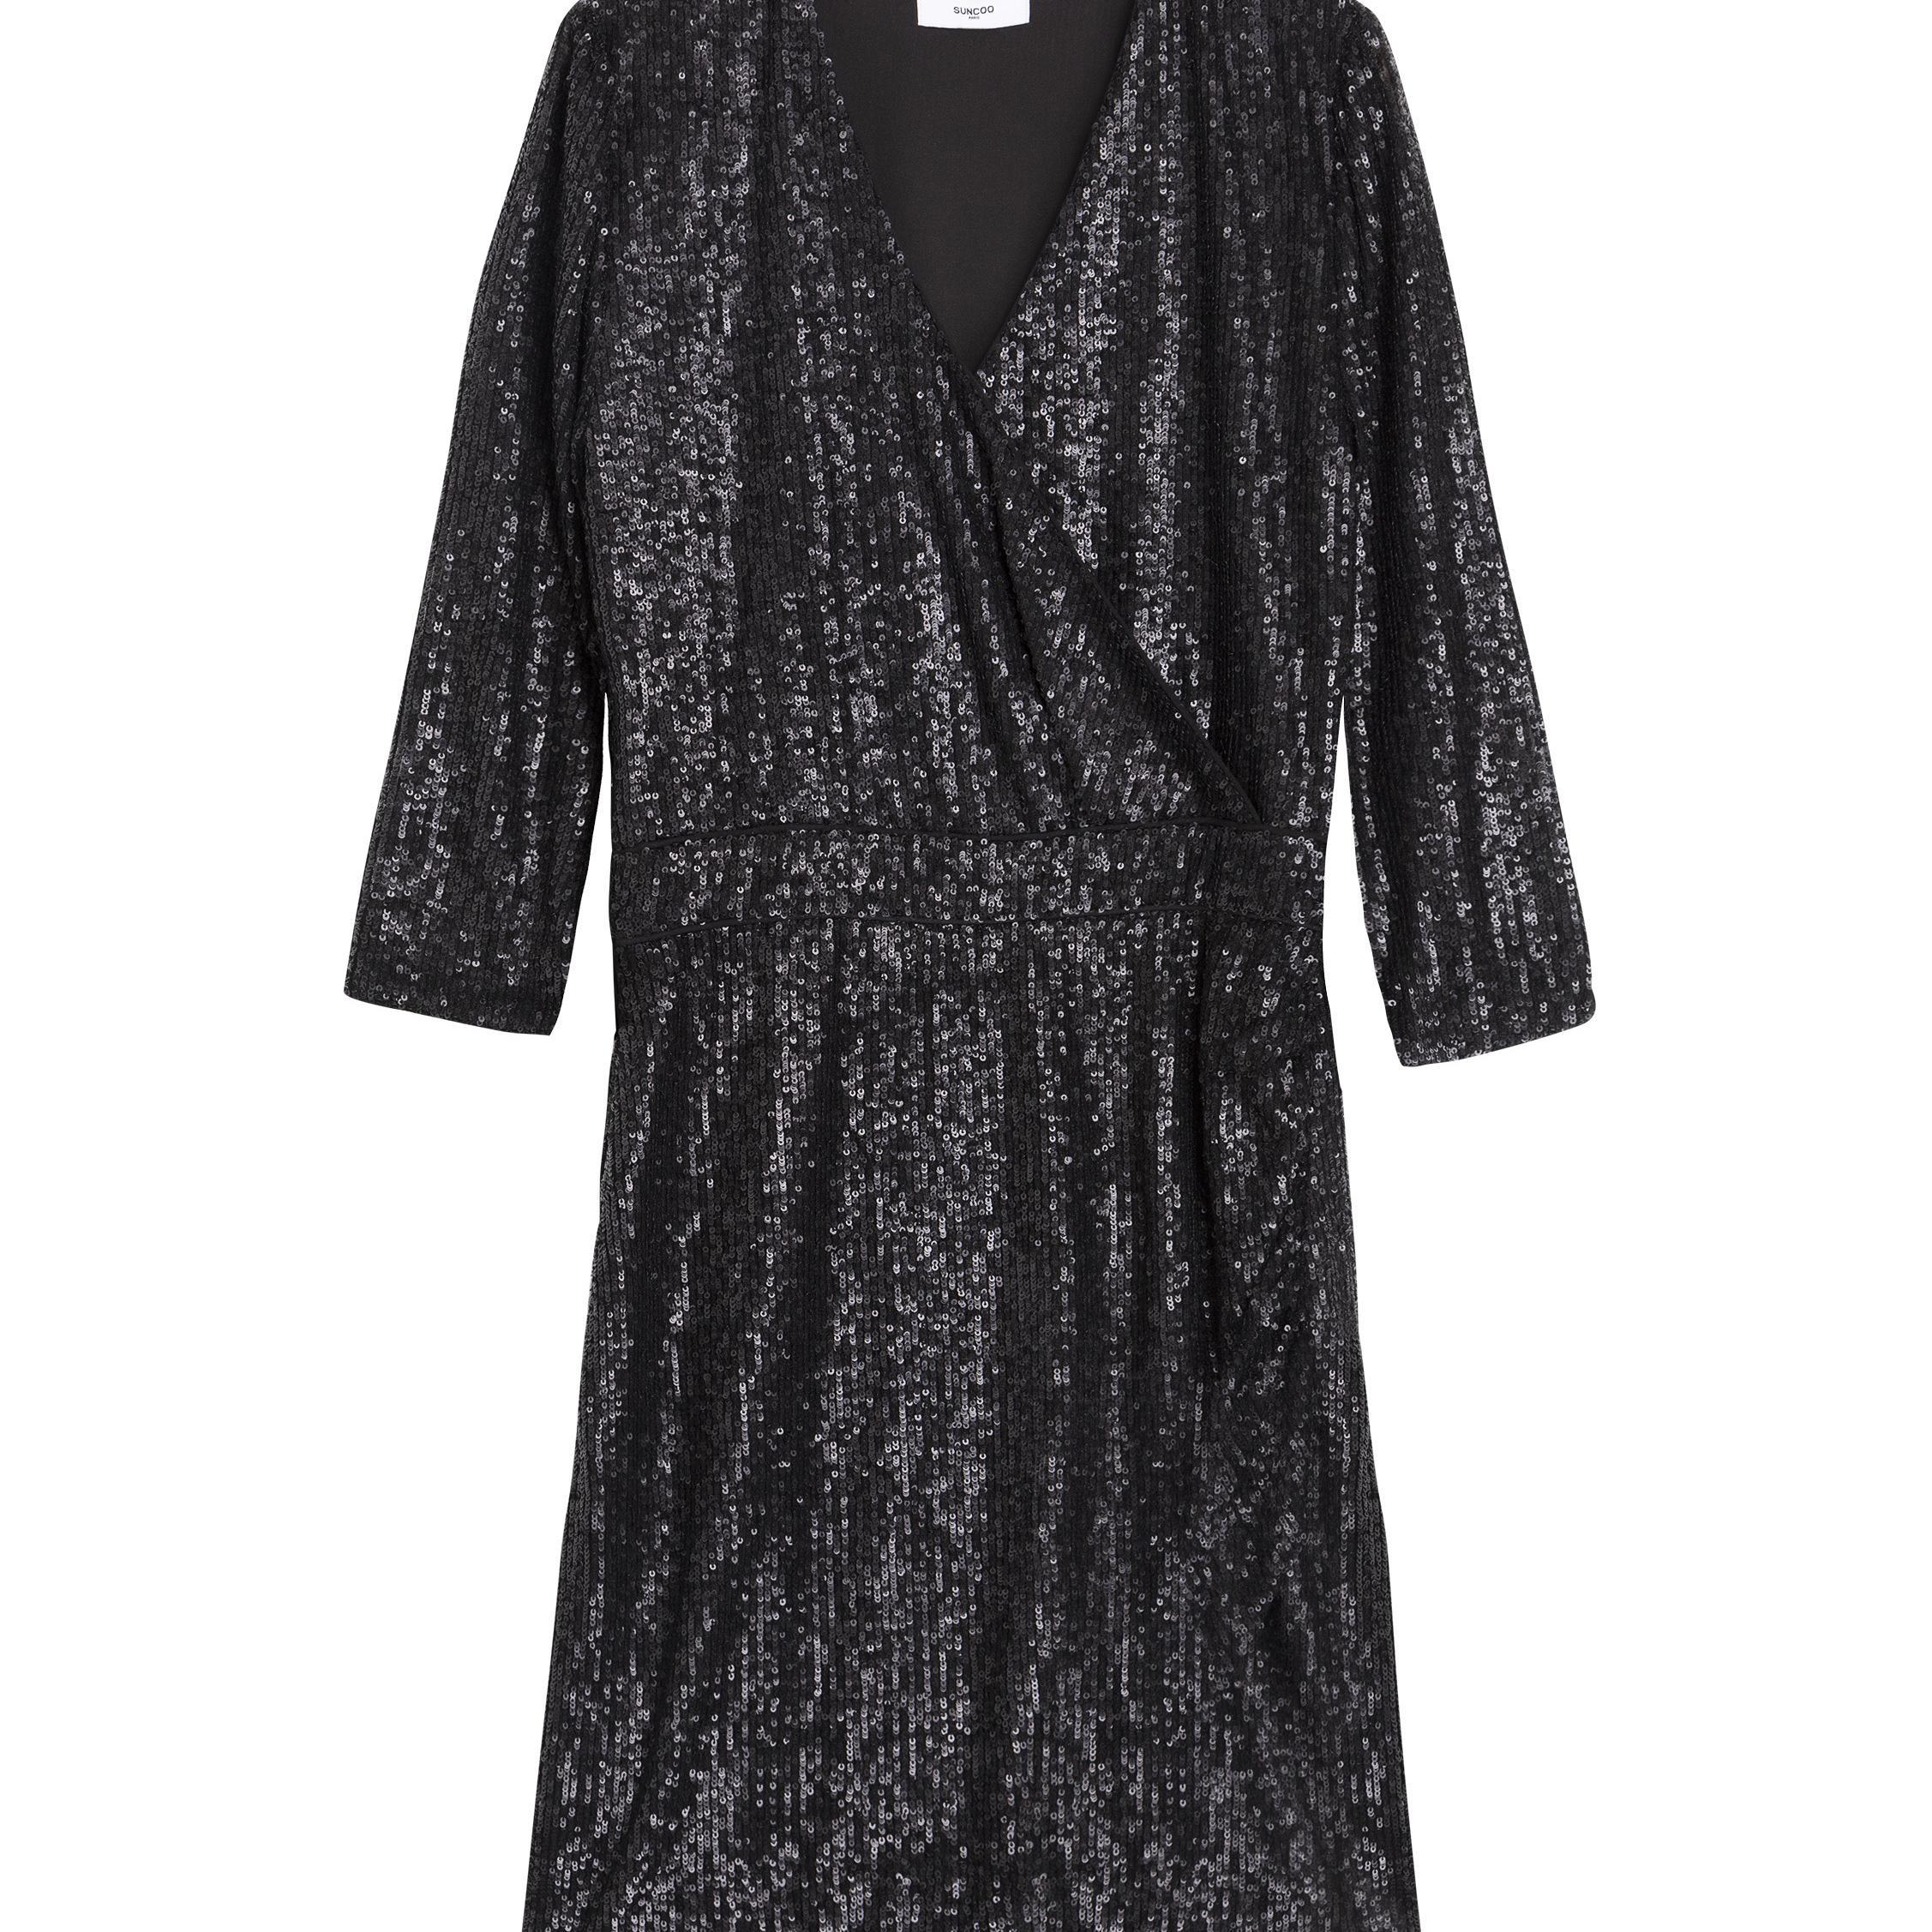 CAITLYN SEQUIN WRAP DRESS